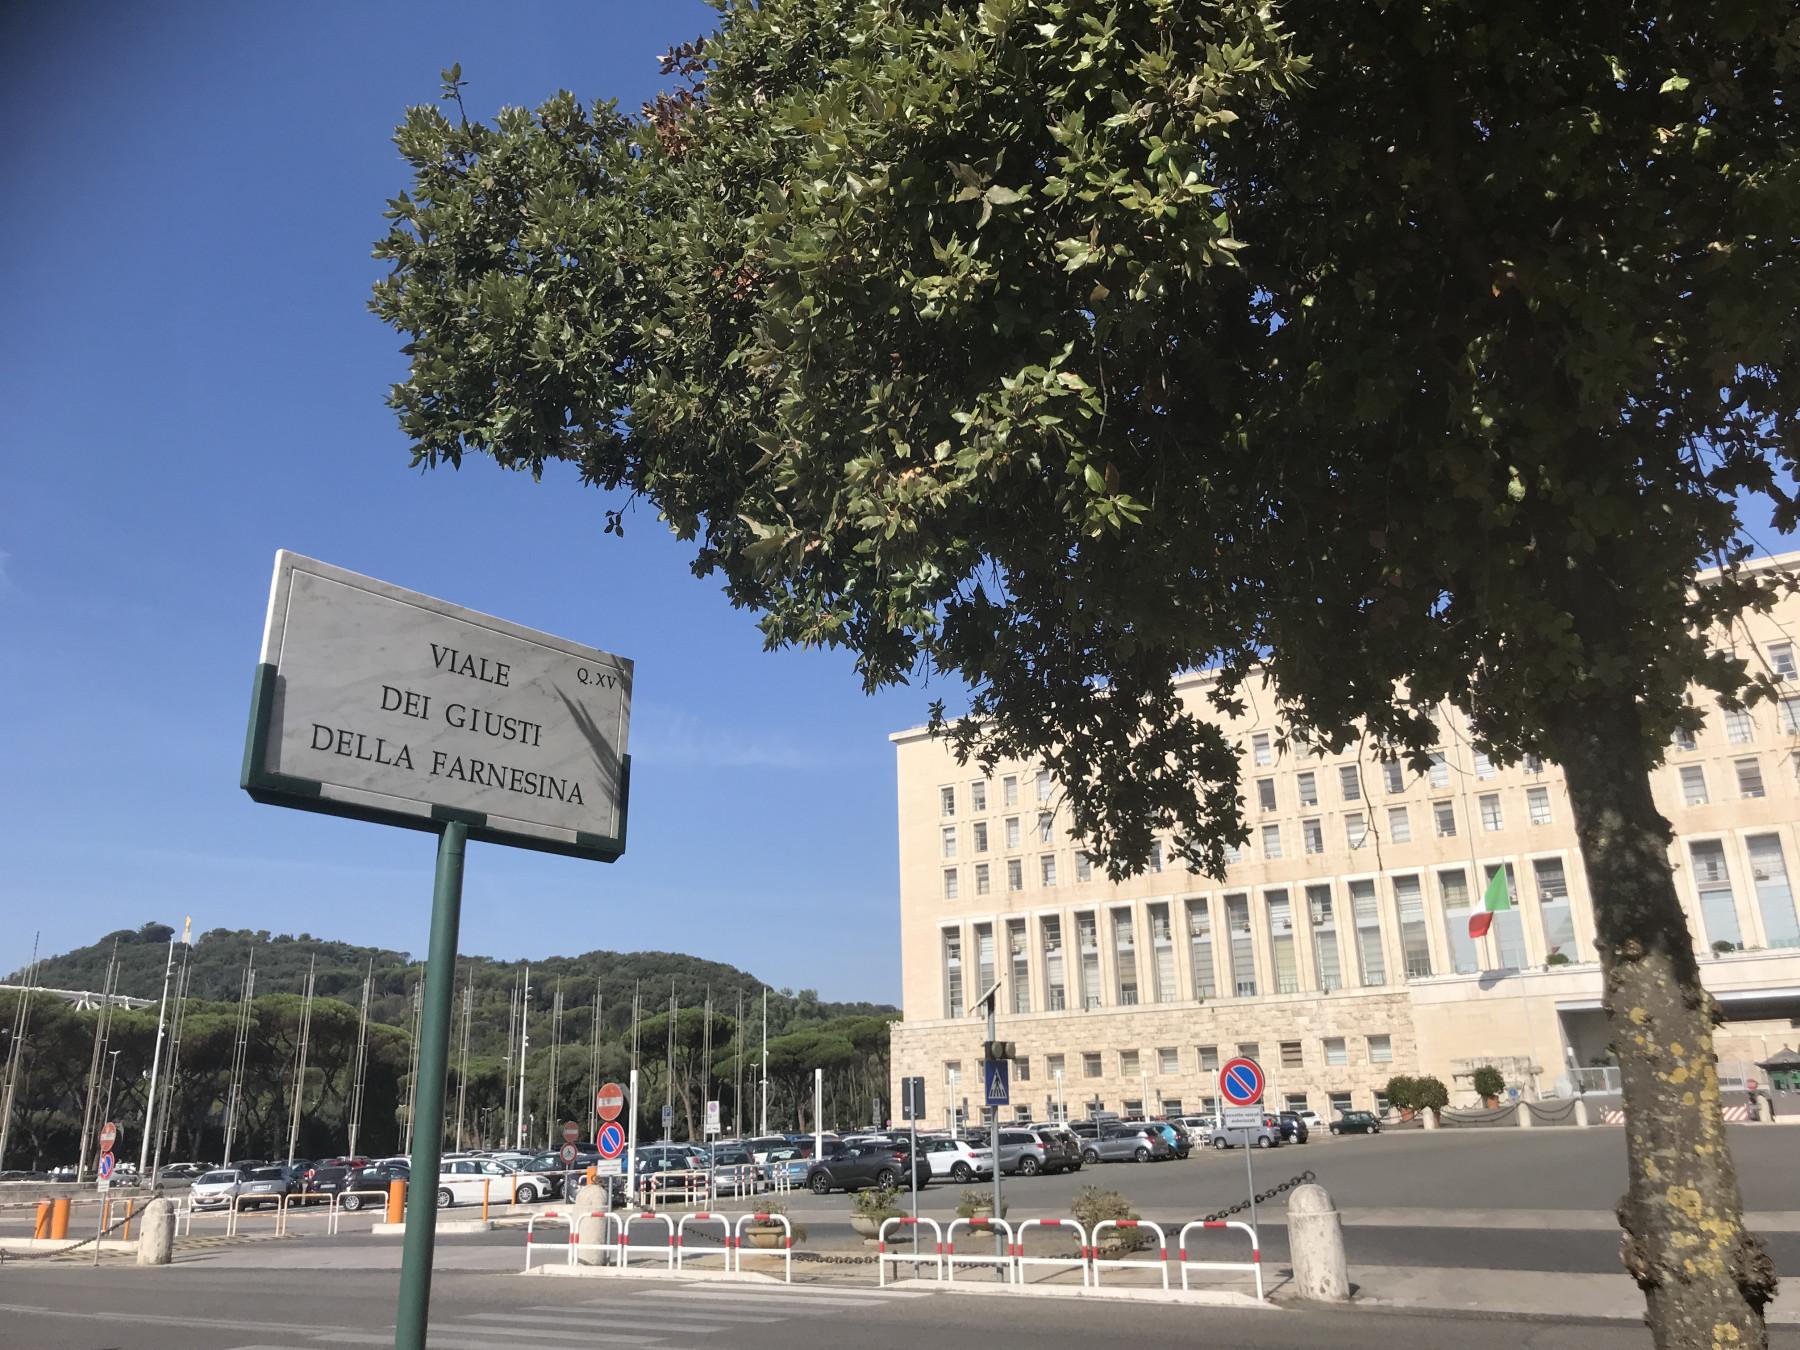 """The plaque of the """"Viale dei Giusti della Farnesina"""""""